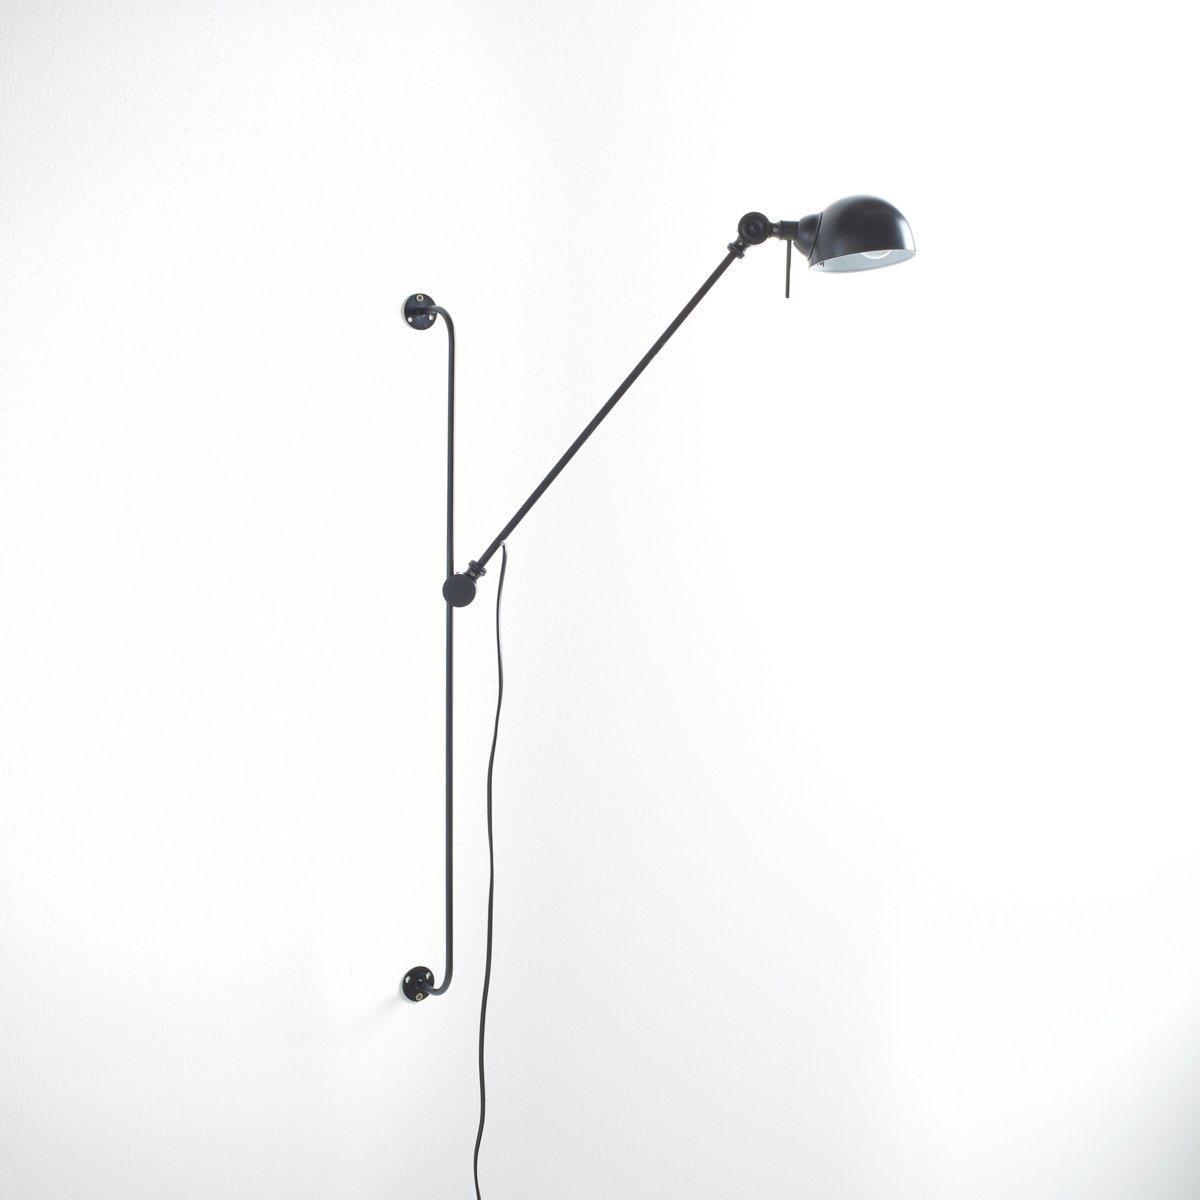 Светильник из металла с регулируемой лапкой на шарнире, KikanСветильник из металла Kikan в очень актуальном стиле . Практичная лапка на шарнире позволяет отрегулировать светильник на нужной высоте .Описание светильника Kikan :Лапка на шарнире для регулировки по высоте 2 шарнирных соединения  : на уровне лапки и абажура Патрон E14 для флюокомпактной лампочки макс 7W (не входит в комплект)  Этот светильник совместим с лампочками    энергетического класса   : AХарактеристики светильника  Kikan  :Каркас из металла в индустриальном стиле с покрытием эпоксидной эмалью матового цвета Найдите подходящий торшер Kikan на сайте laredoute.ruРазмер светильника  Kikan  :Лапка с креплением на стену : 75 см высотой Лапка с абажуром : 65 смДиаметр абажура: 11 см.Высота абажура: 8 см<br><br>Цвет: черный